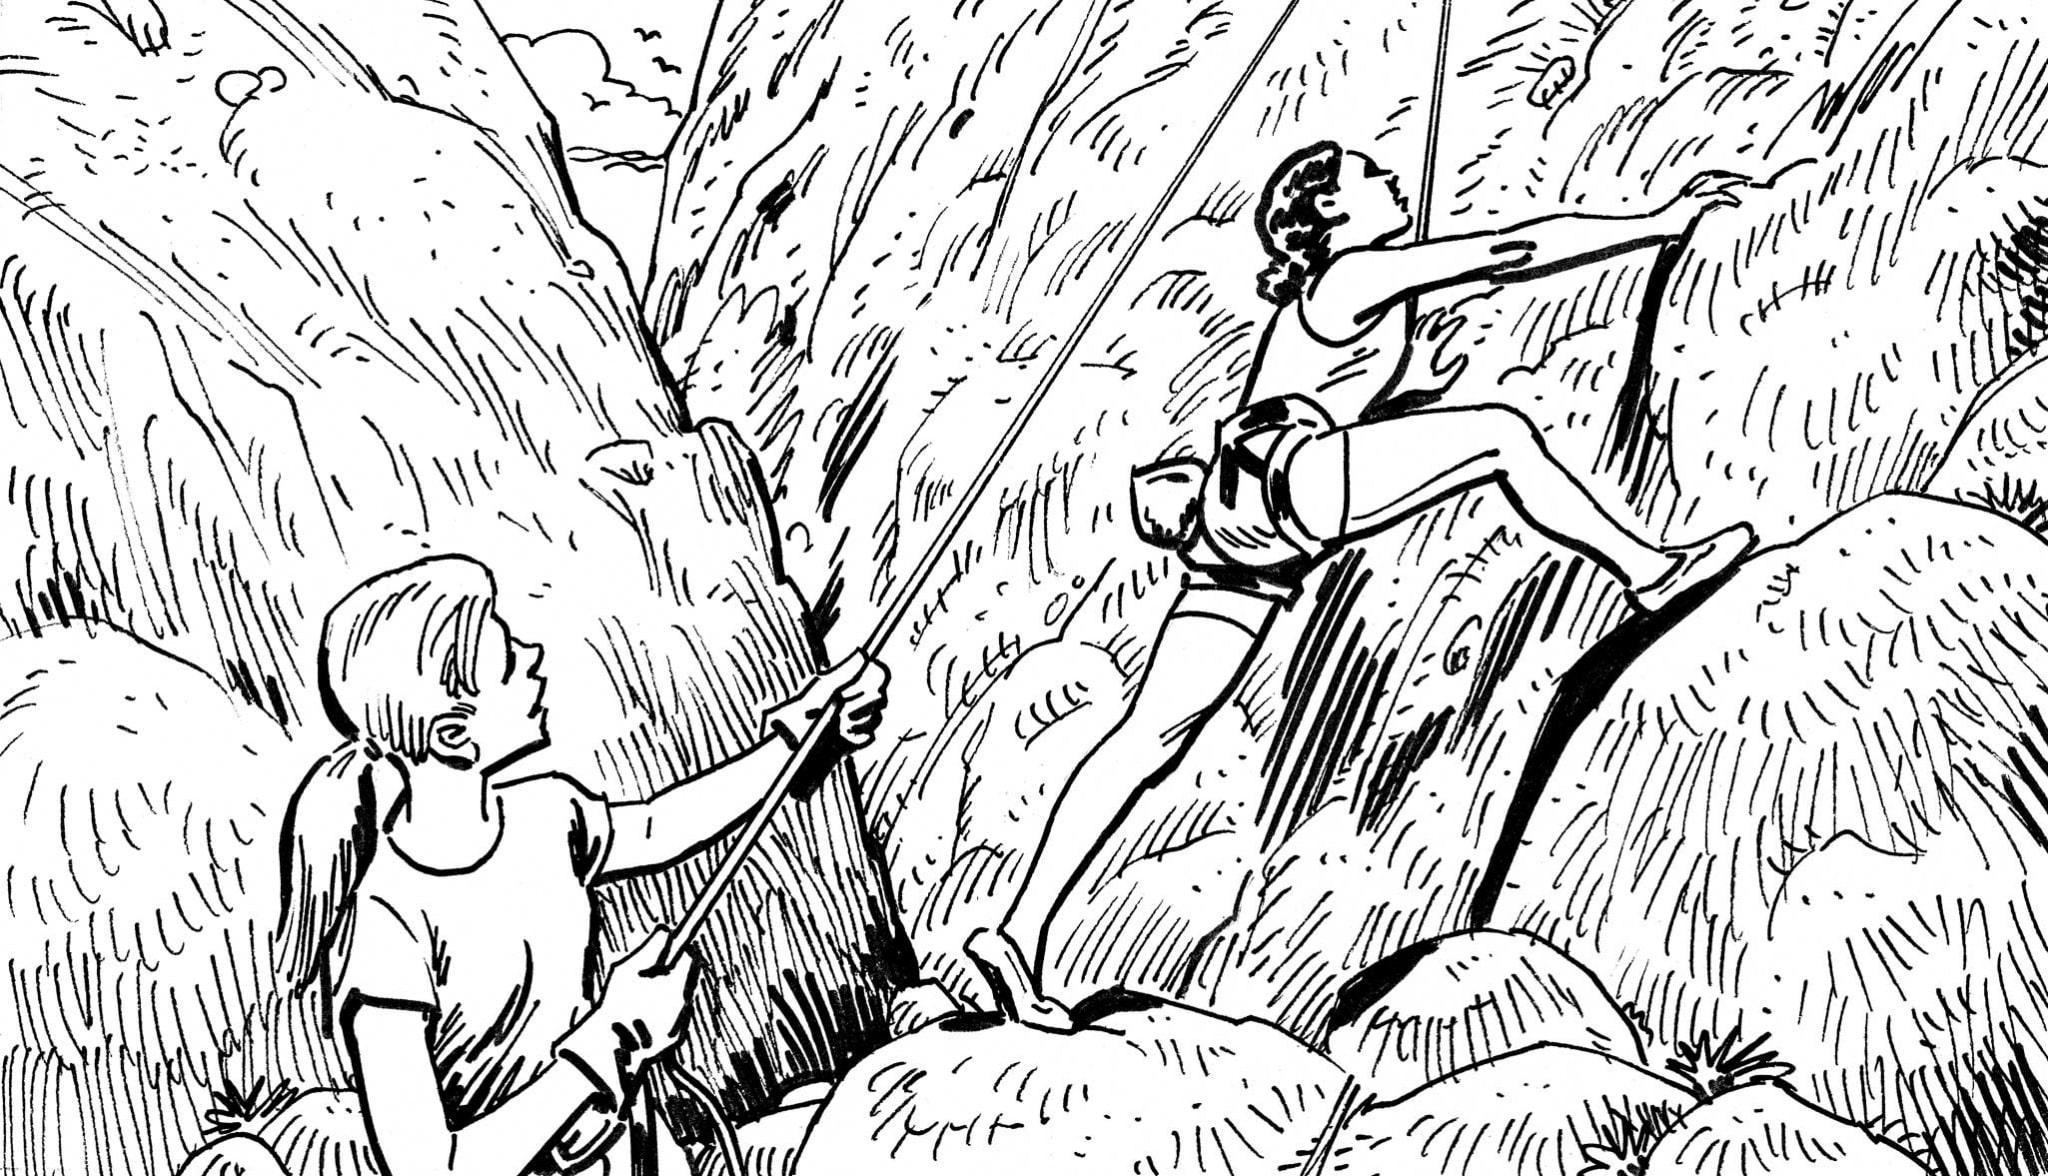 KH3037C-young-women-rock-climbing